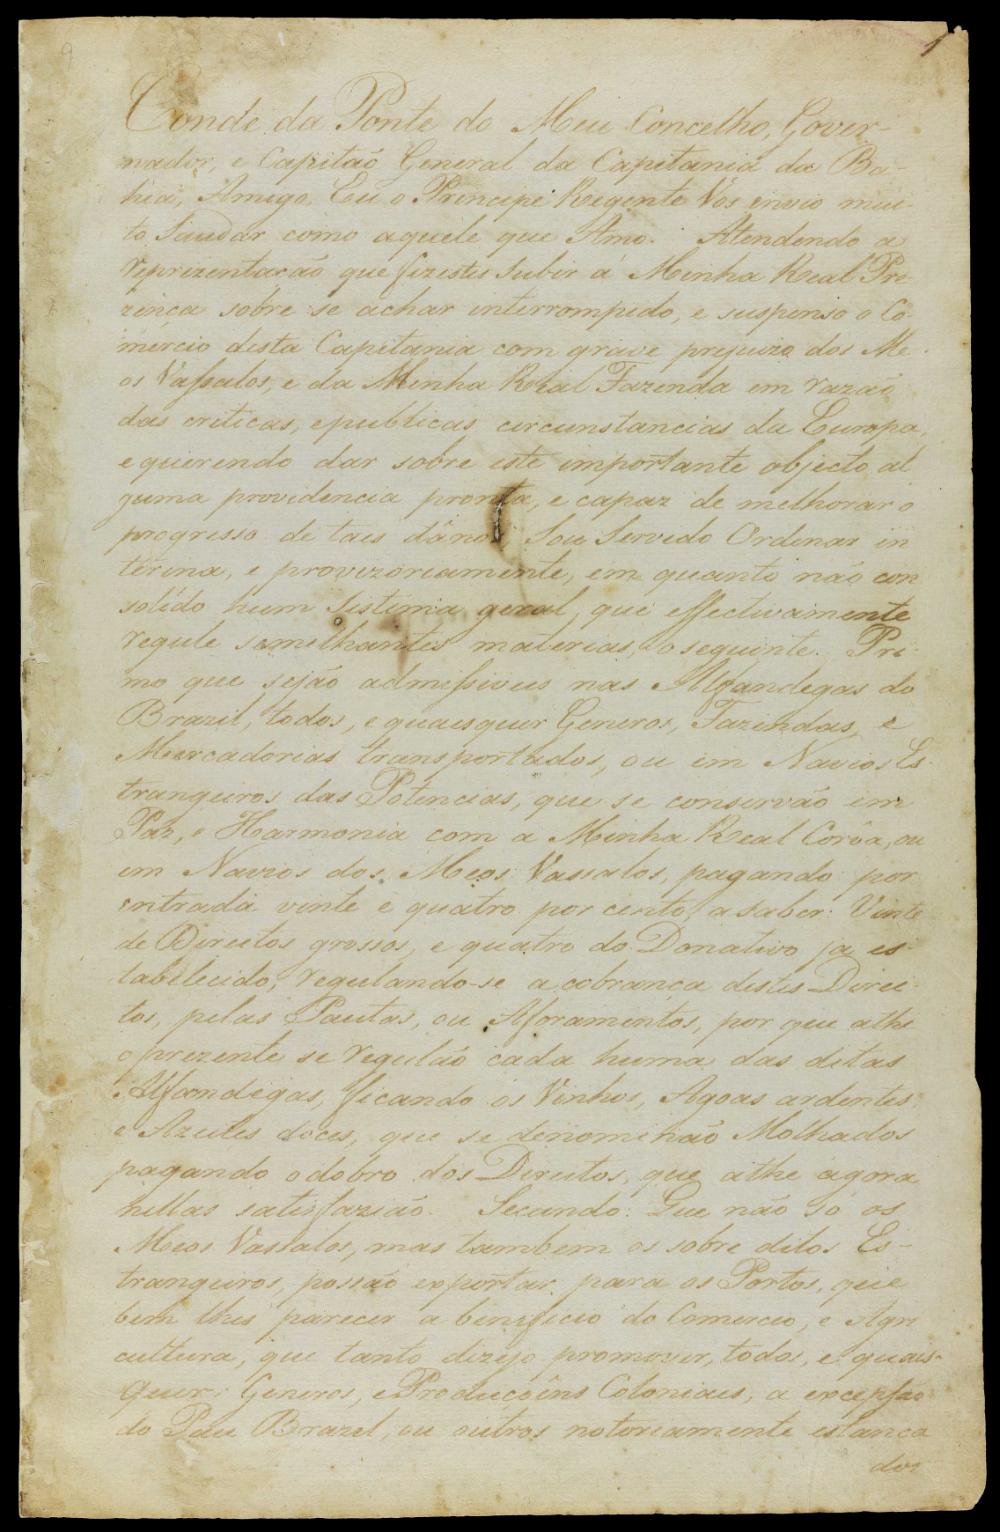 A carta de D. João que abre os portos brasileiros em 1808: um dos documentos disponíveis para consulta na Biblioteca Nacional Digital. (Reprodução)